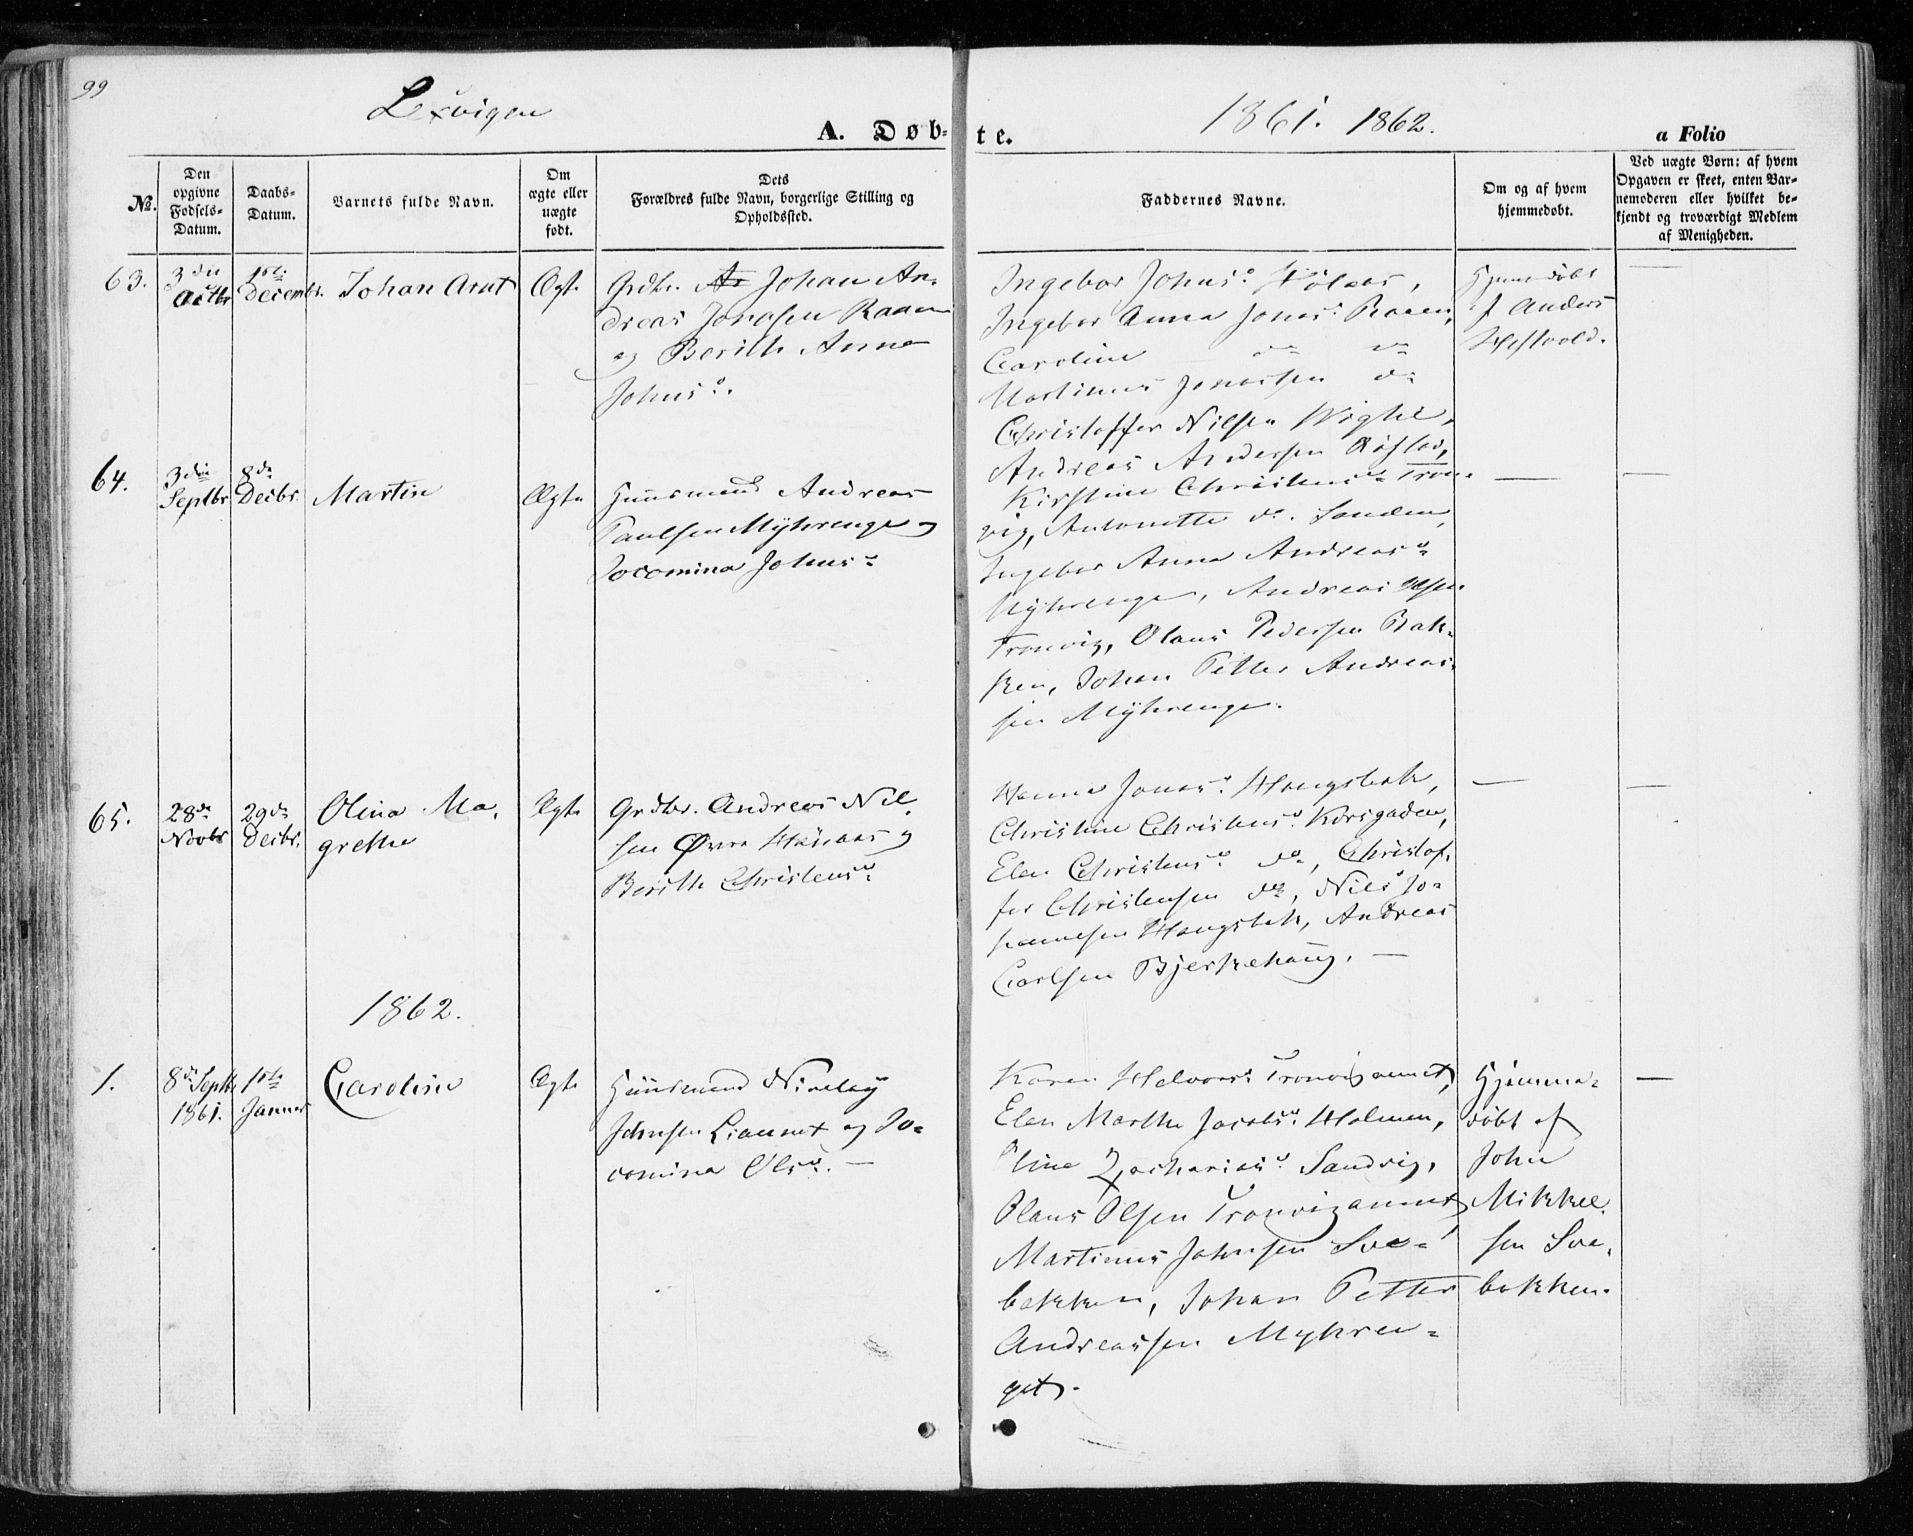 SAT, Ministerialprotokoller, klokkerbøker og fødselsregistre - Nord-Trøndelag, 701/L0008: Ministerialbok nr. 701A08 /1, 1854-1863, s. 99